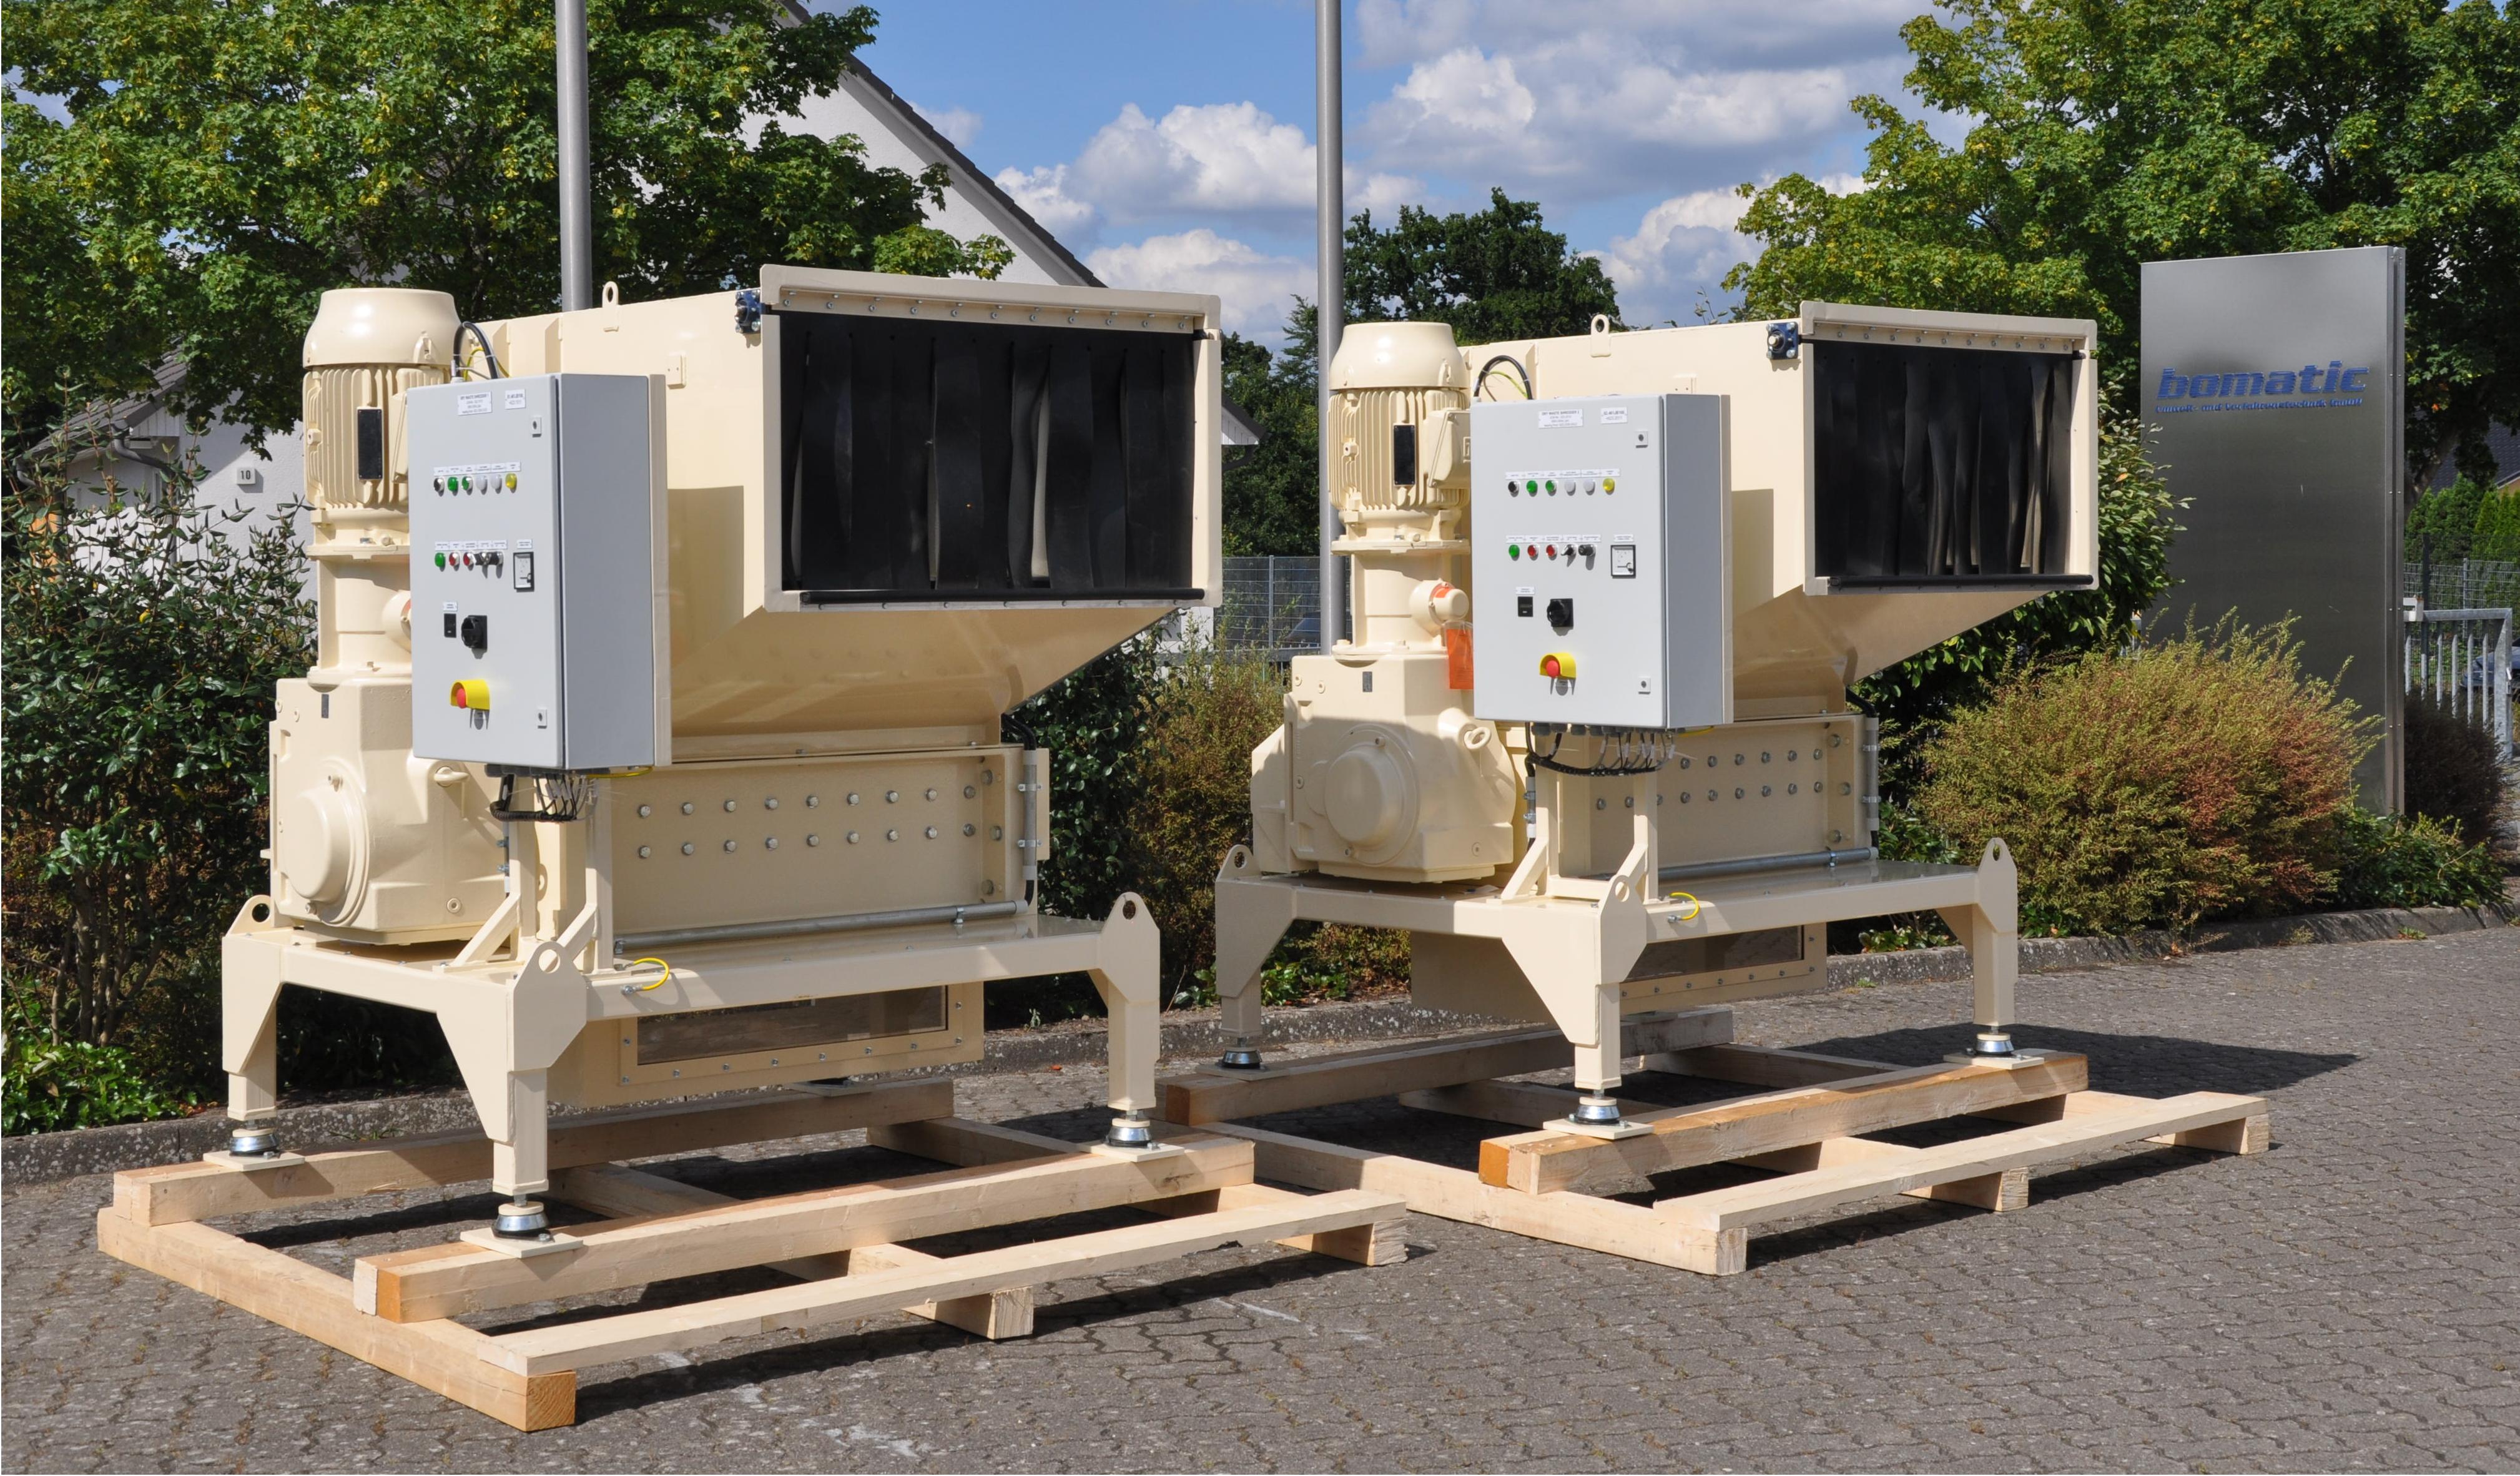 Rotorschere bomatic DS4 lang zur Zerkleinerung von Schiffsabfällen